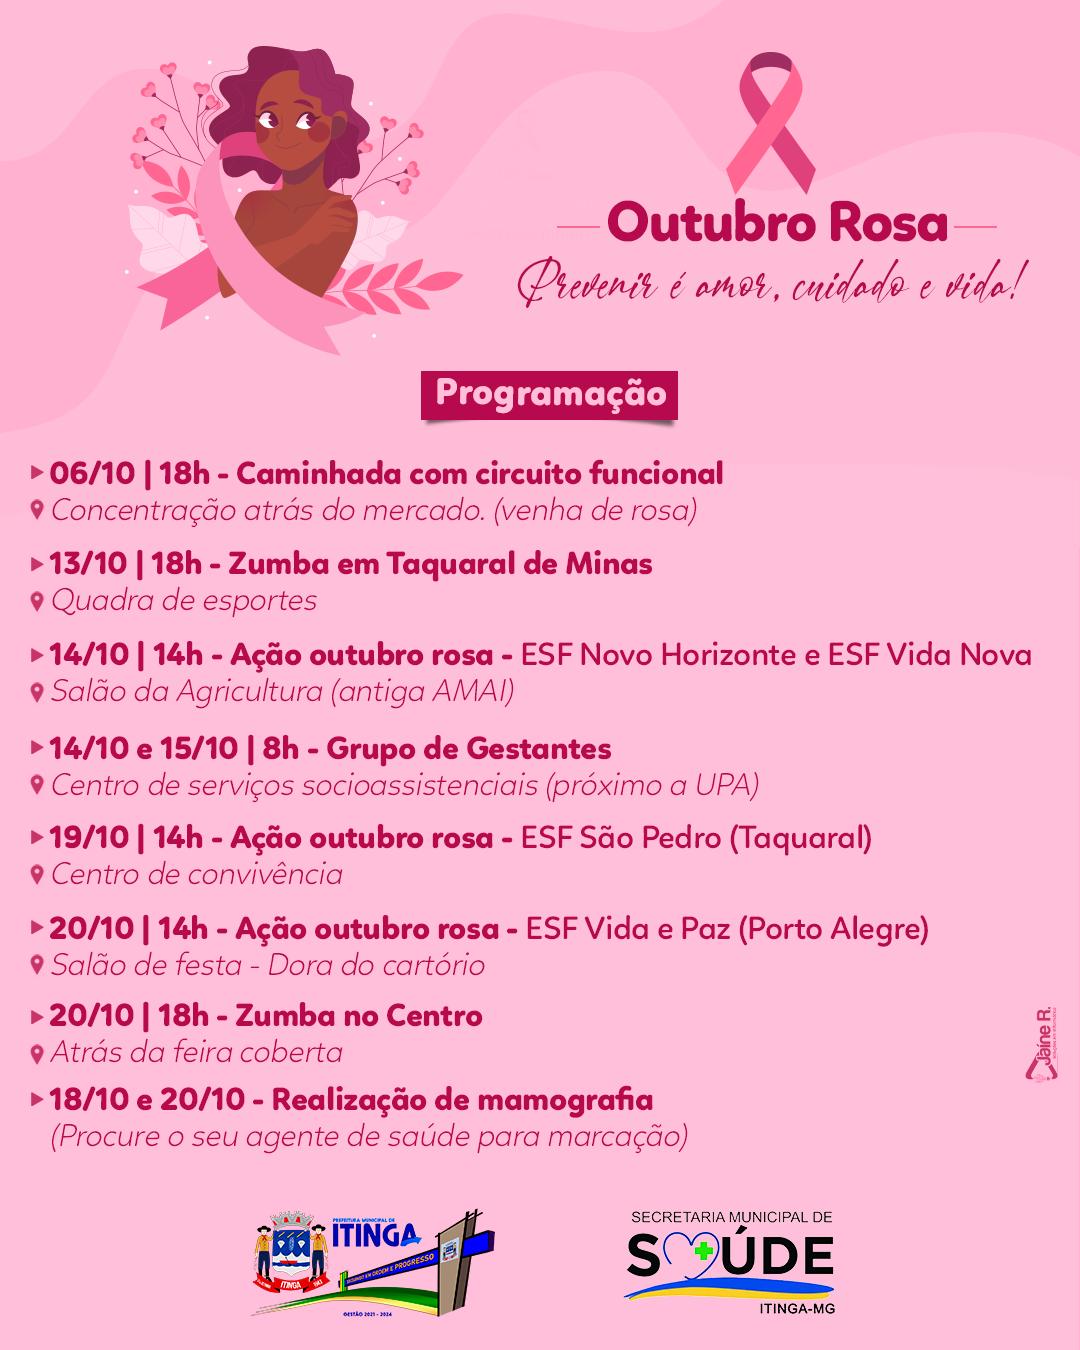 OUTUBRO ROSA - PROGRAMAÇÃO